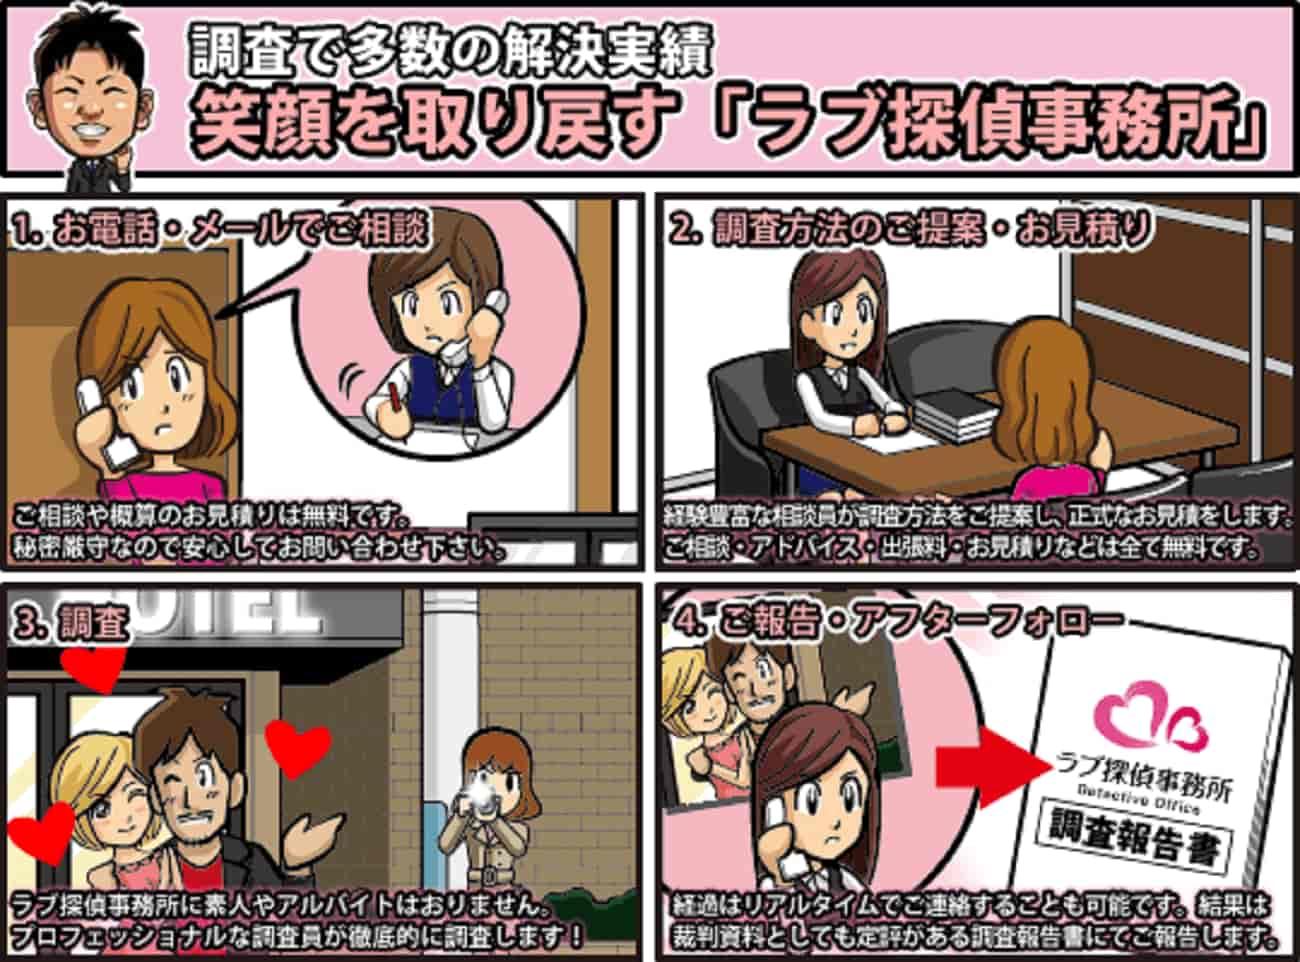 ラブ探偵事務所は千葉県いすみ市の相談お見積り無料